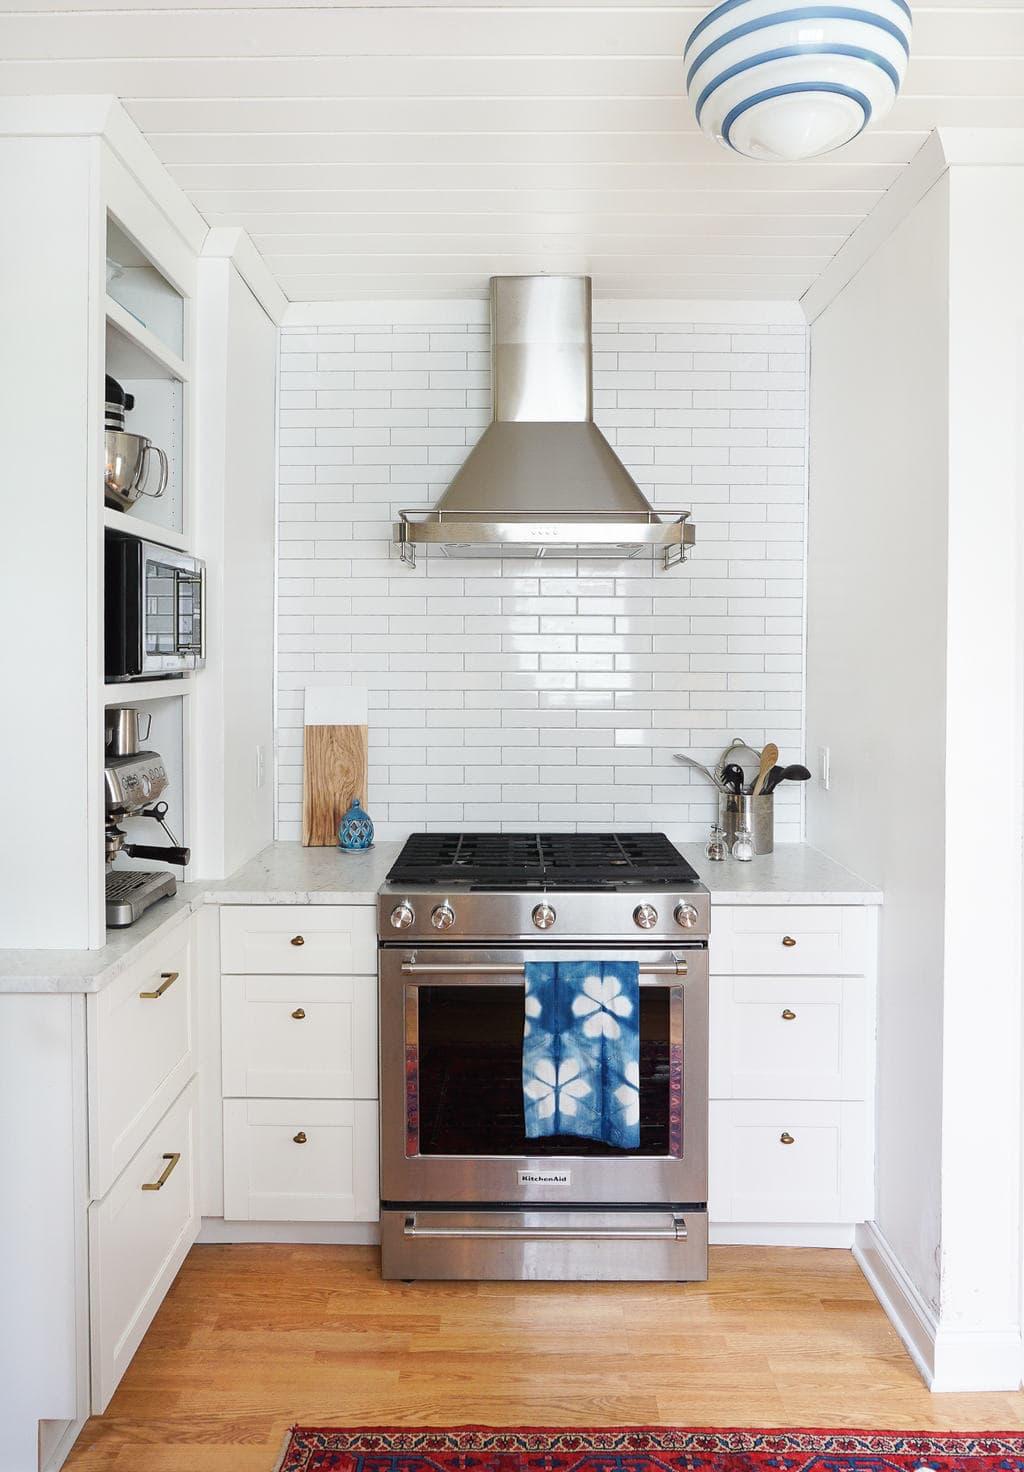 francois-et-moi-kitchen-2